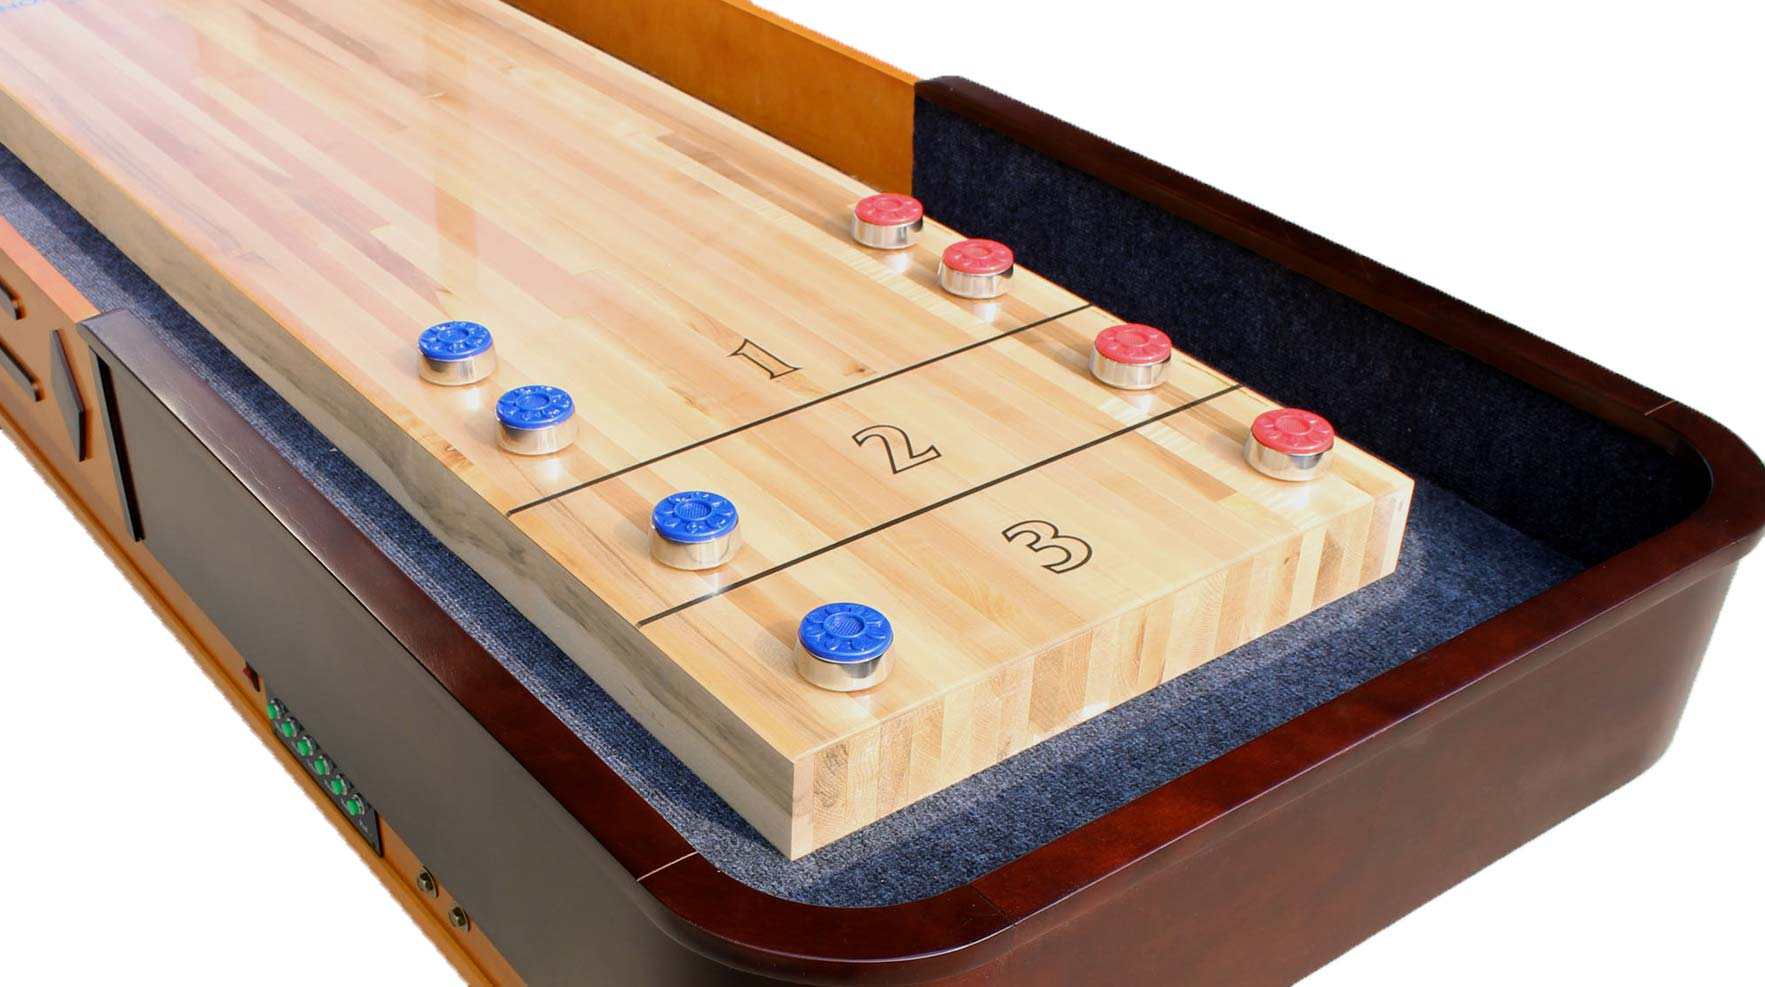 Nordic shuffleboard